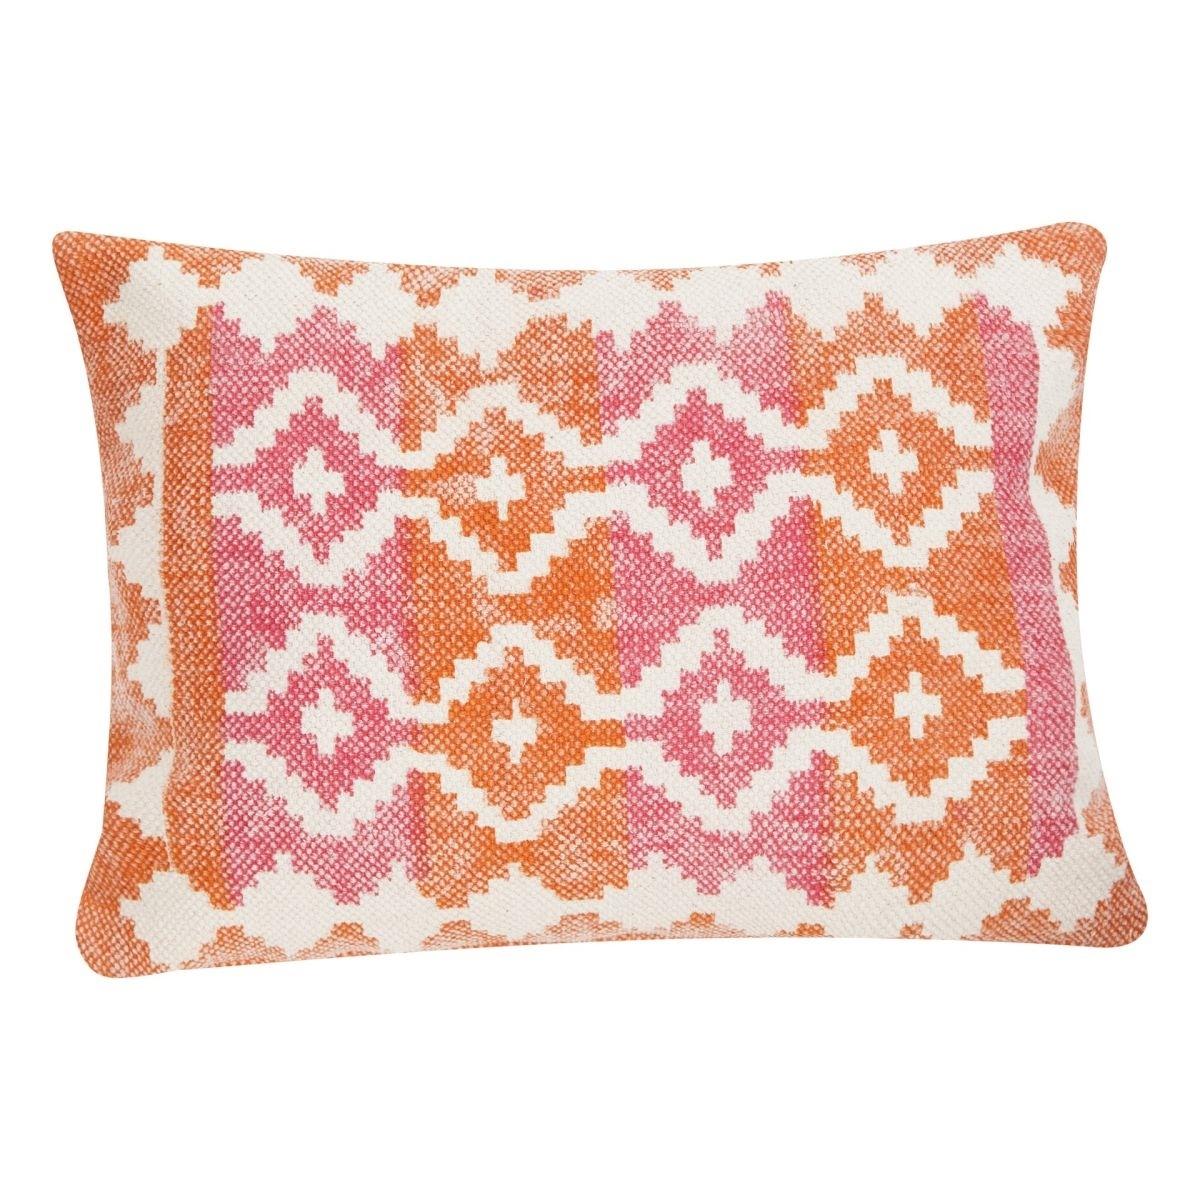 Poduszka z poszewką Summer Kelim pomarańczowo różowa 45x65 cm